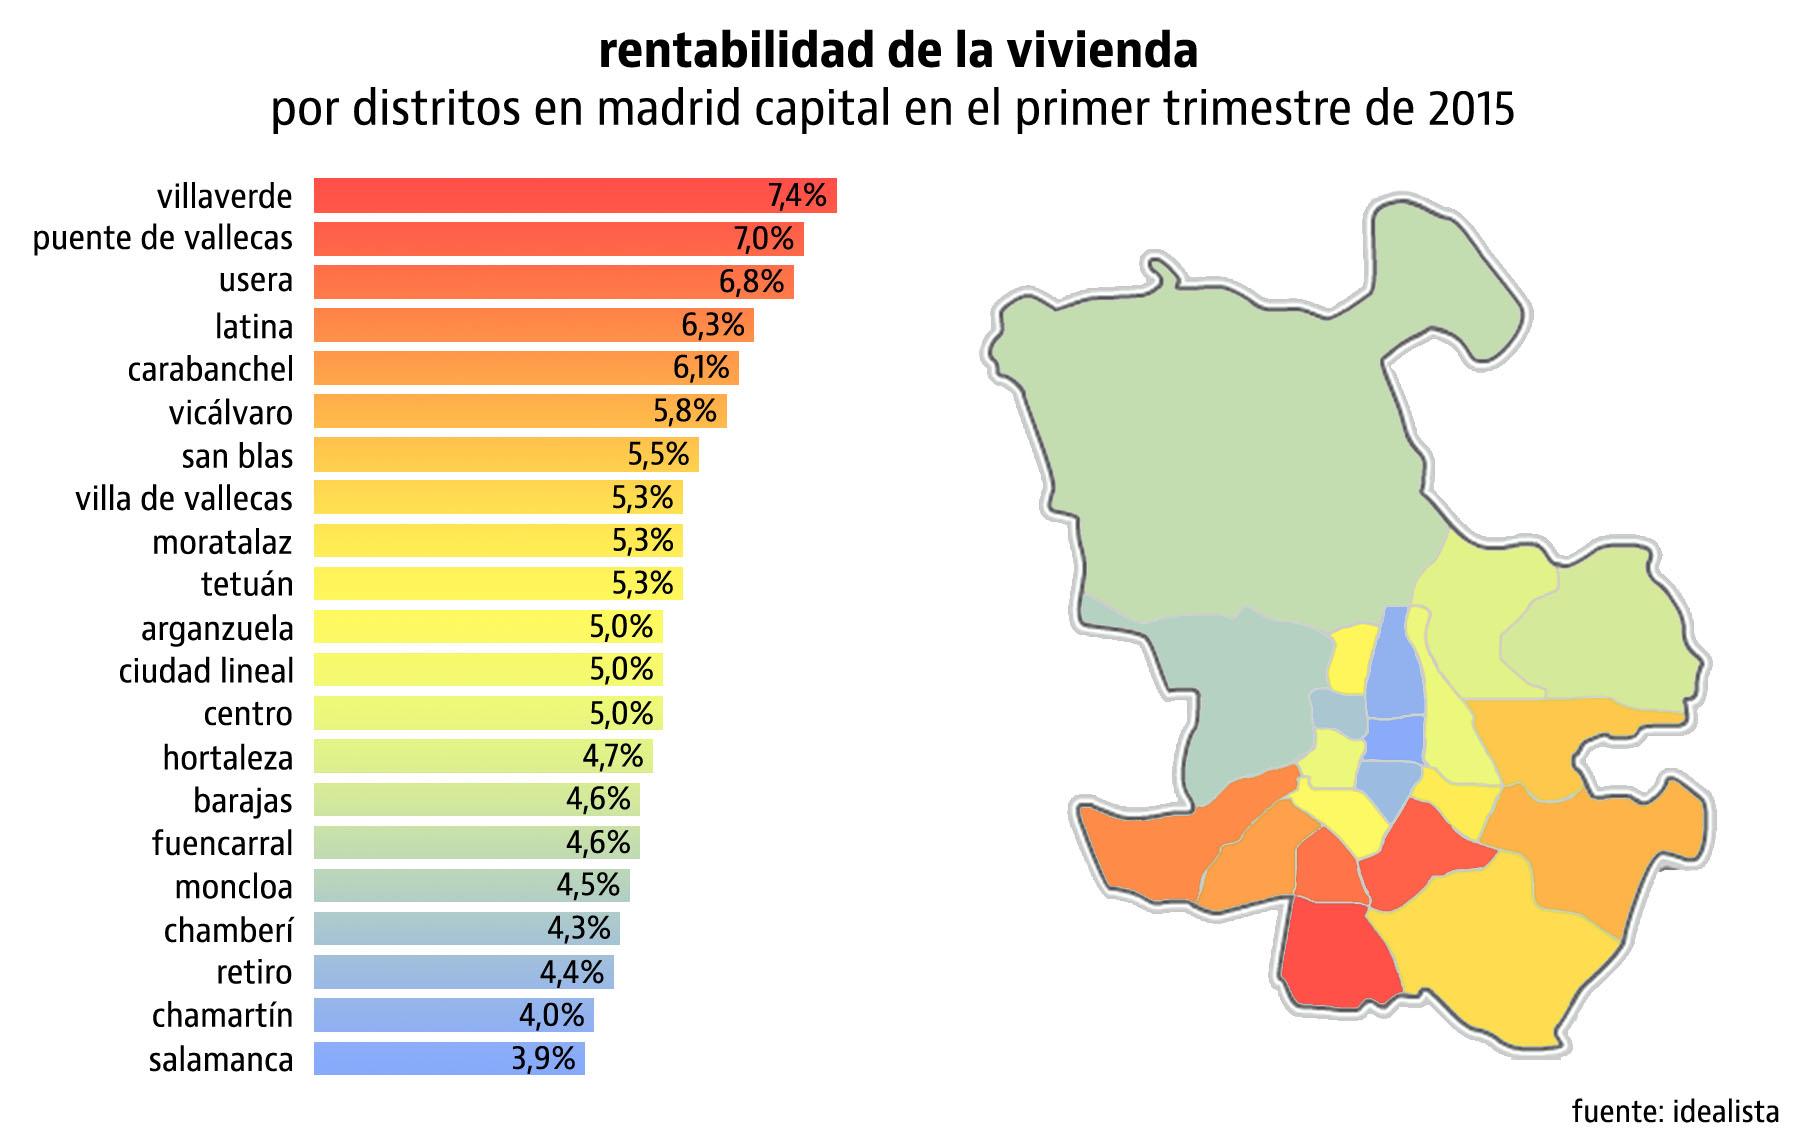 Comprar un piso para alquilar estos son los distritos m s rentables de madrid capital - Alquiler de pisos baratos en puente de vallecas madrid ...